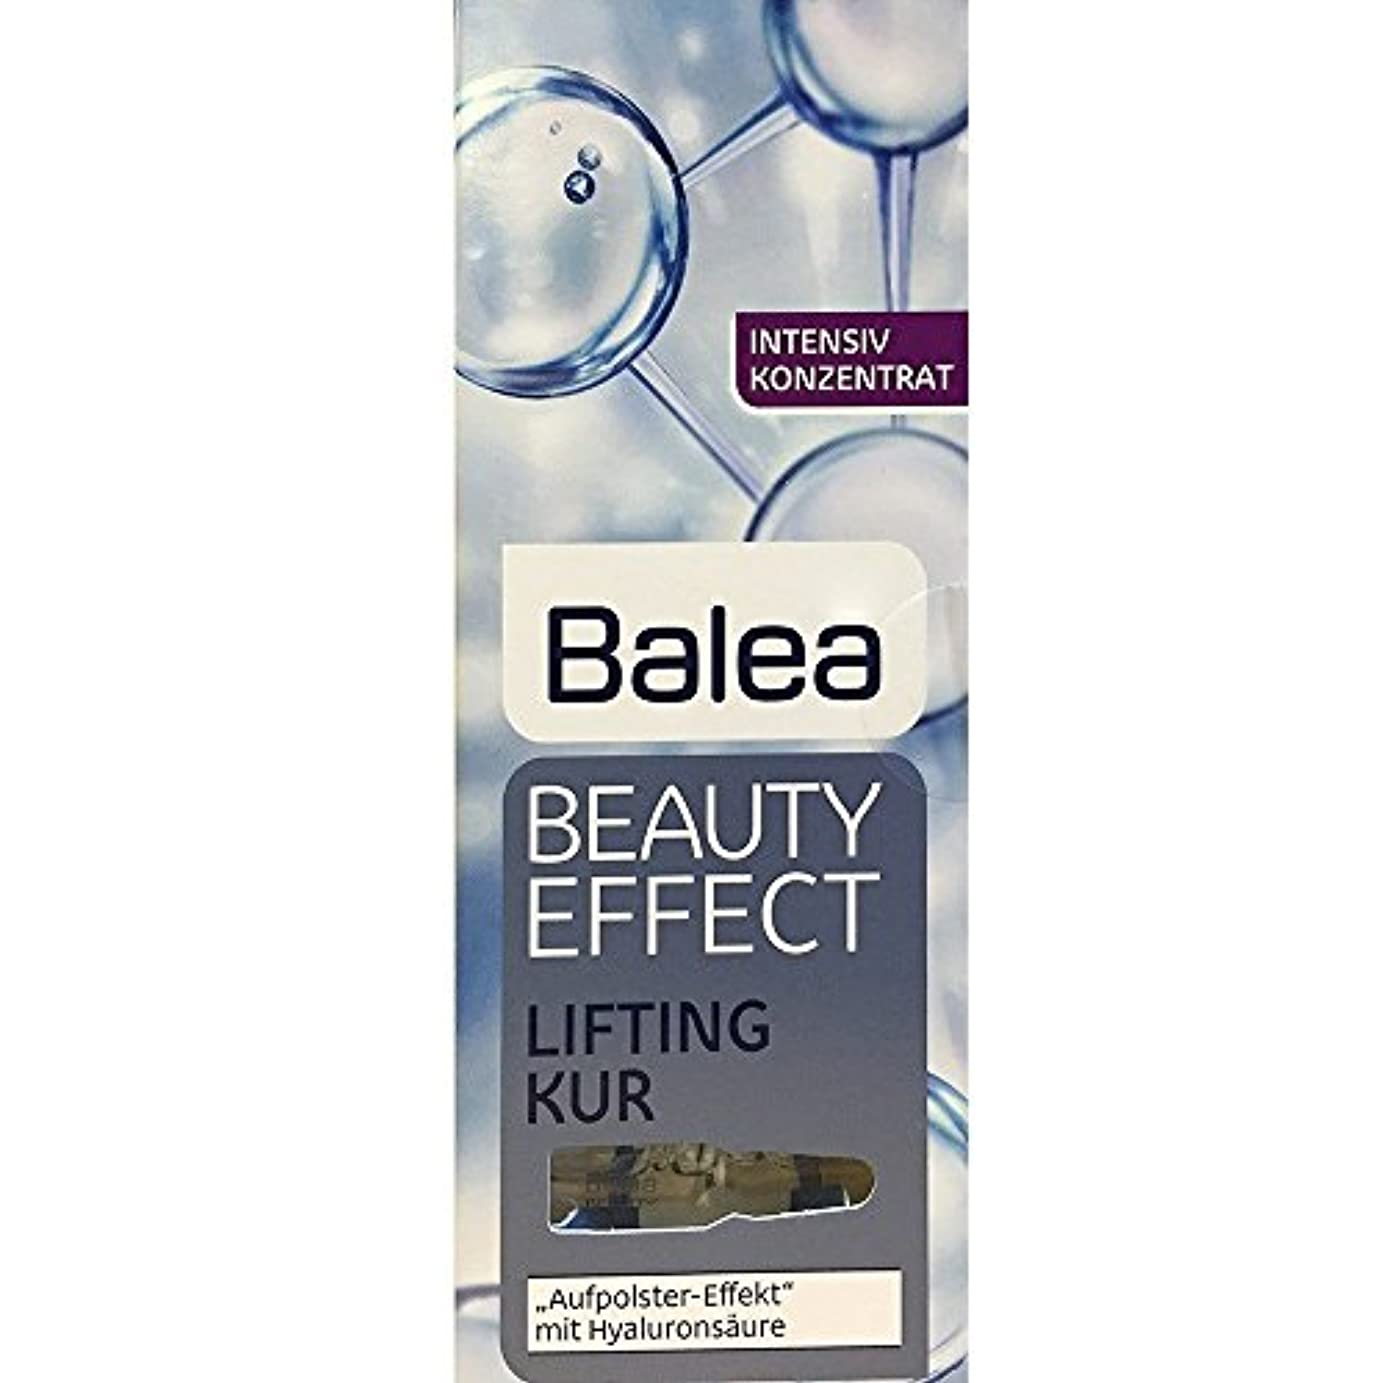 ヘビ男らしさ奨学金Balea Beauty Effect Lifting Kur 7x1ml by Balea